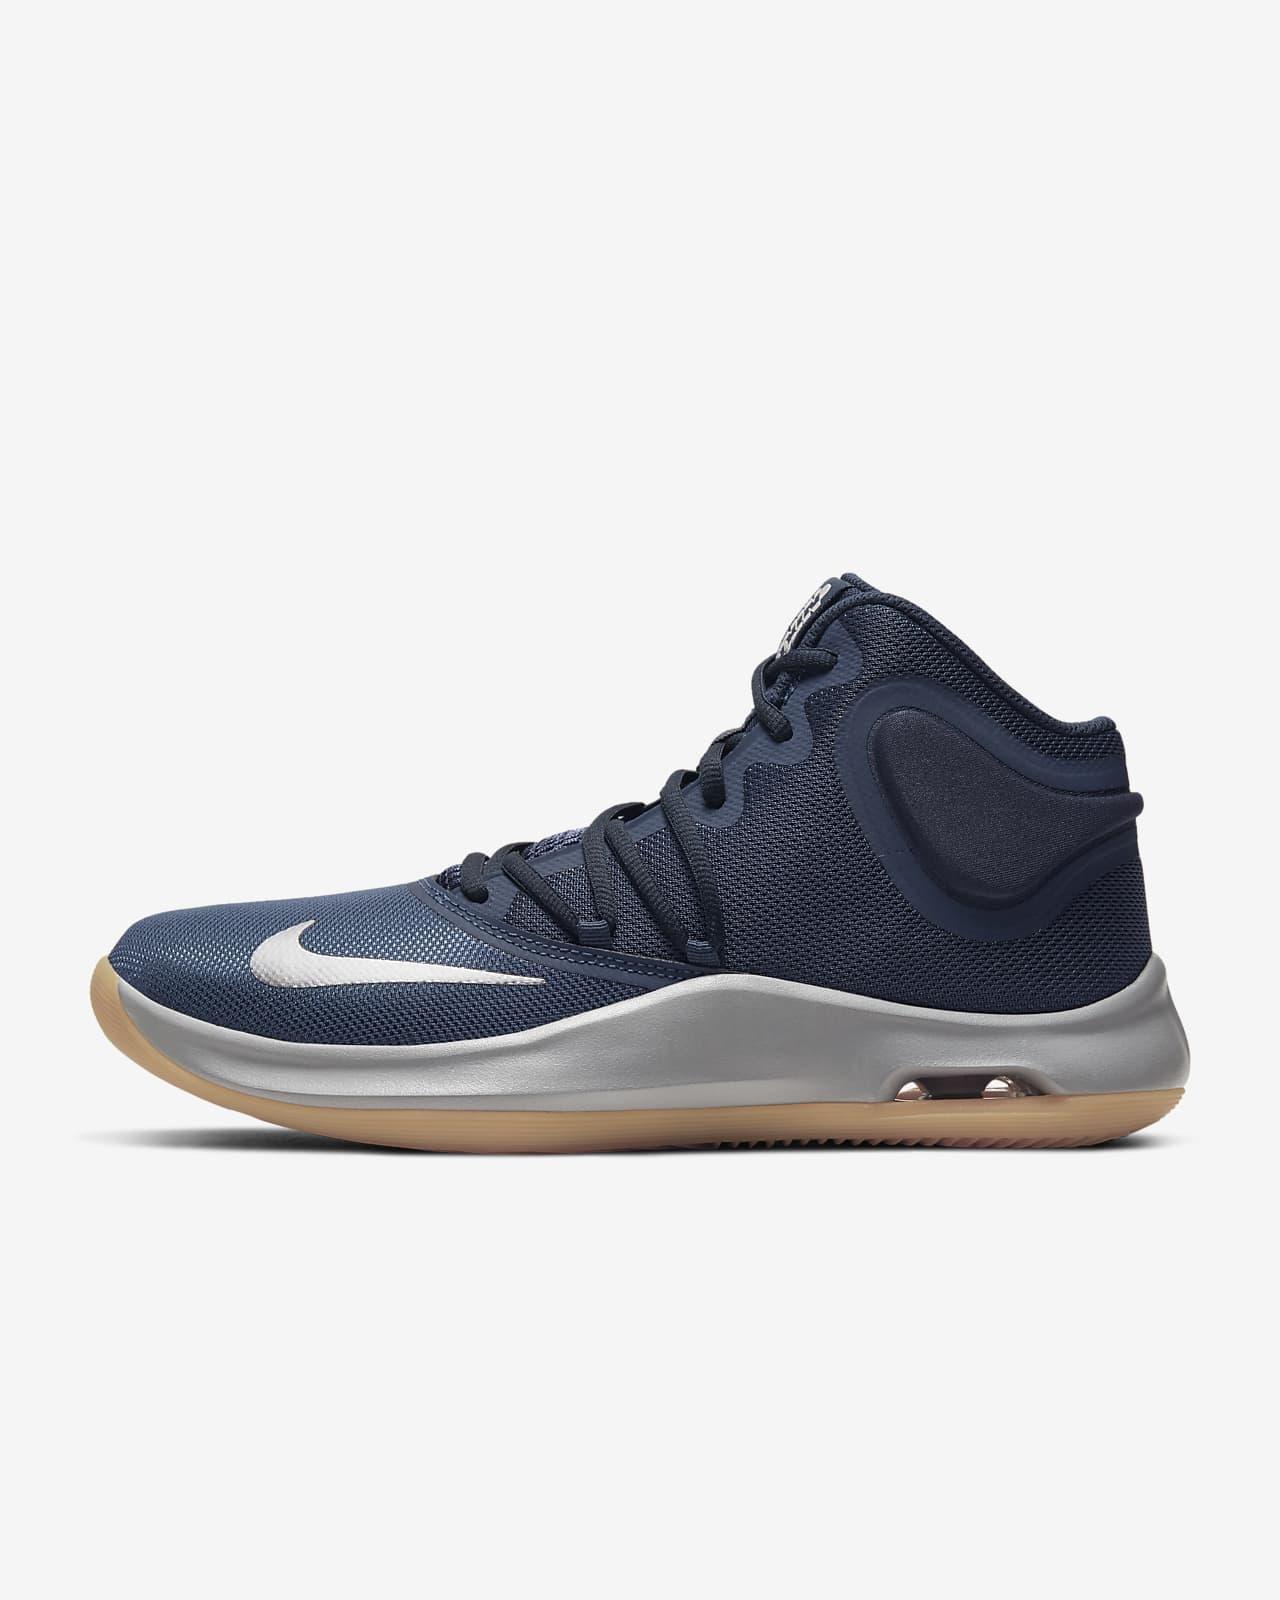 รองเท้าบาสเก็ตบอล Nike Air Versitile IV